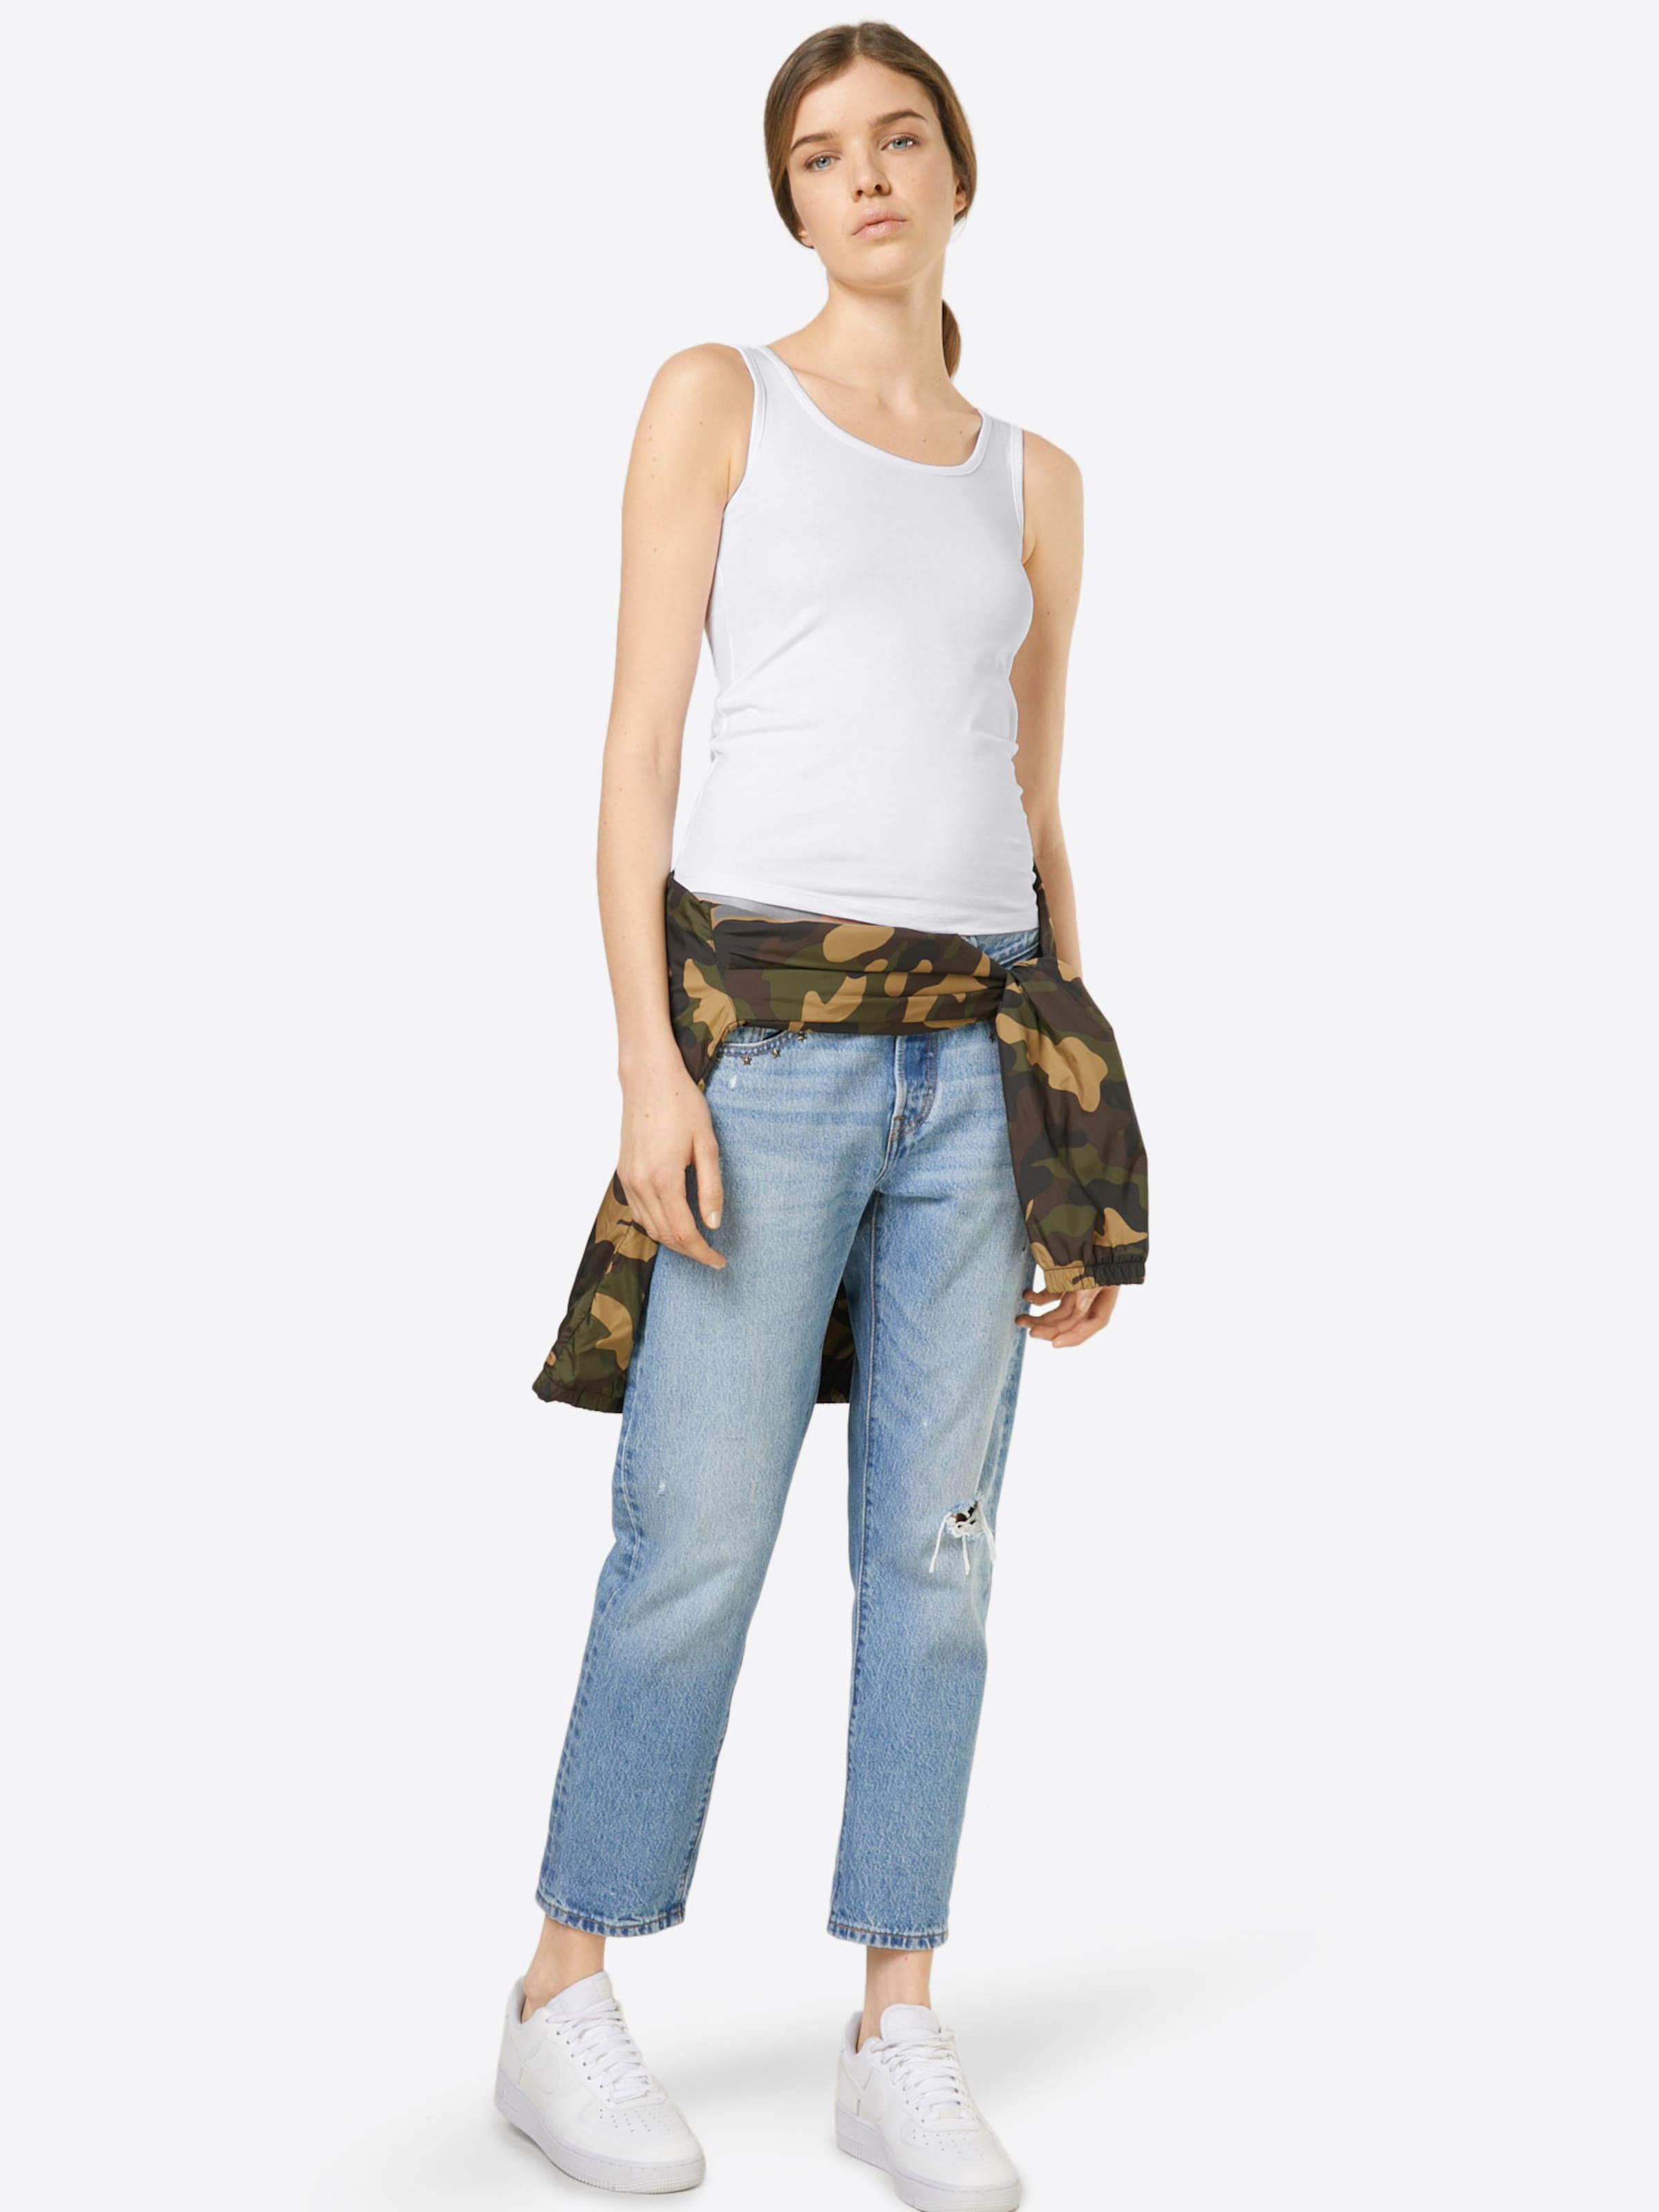 Shop-Angebot Günstig Online Urban Classics Jersey Top 'Ladies 2-Pack Basic Stretch Top' Schlussverkauf Verkauf Empfehlen k2GALqZWMS